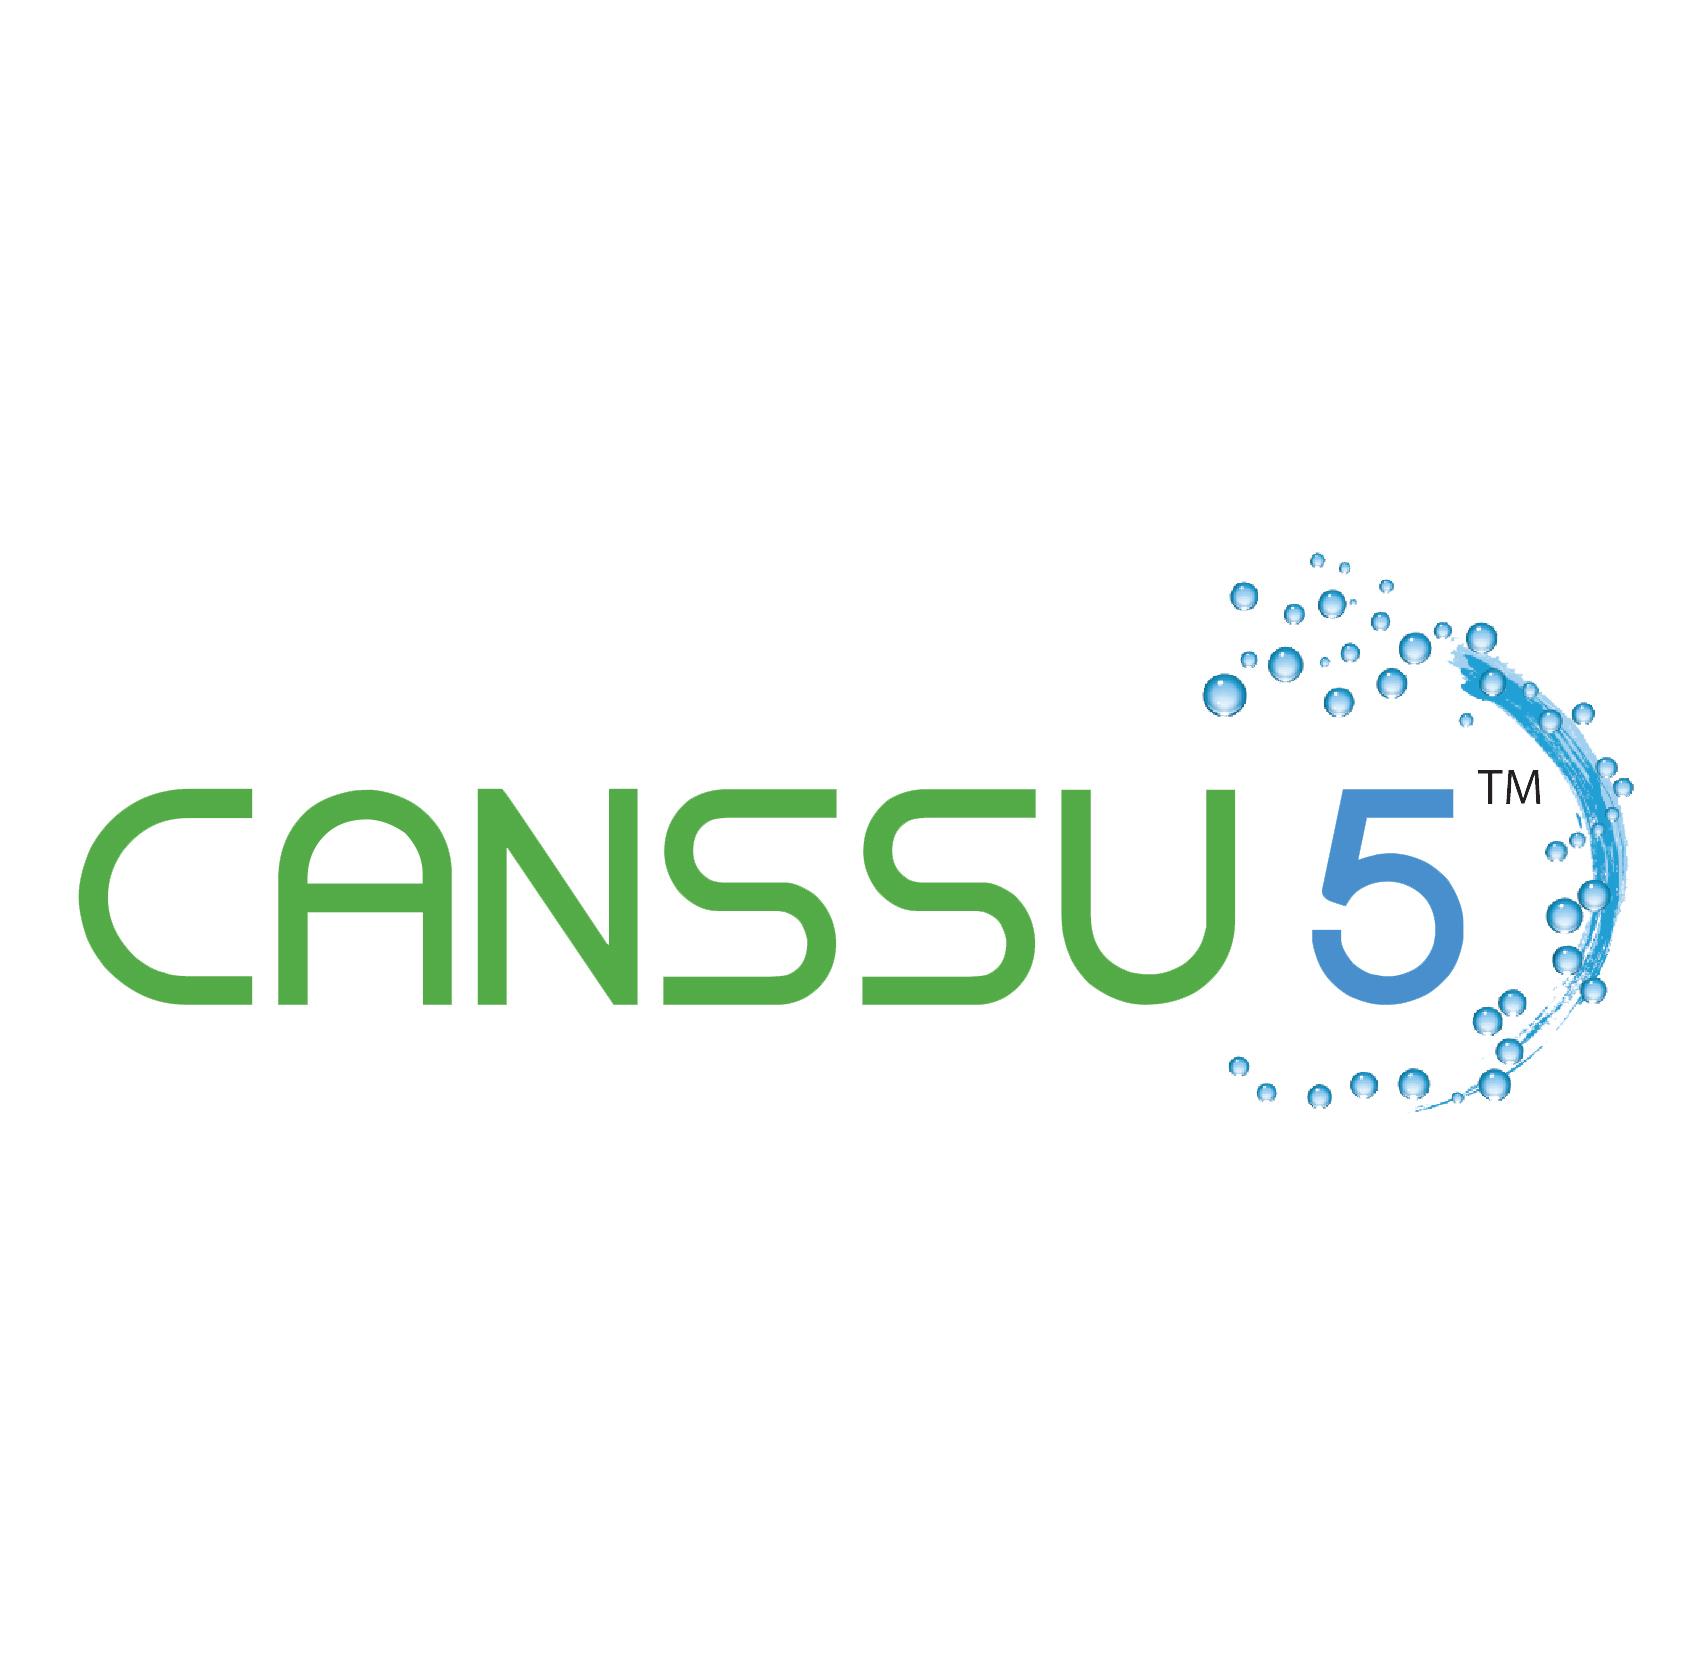 Canssu 5